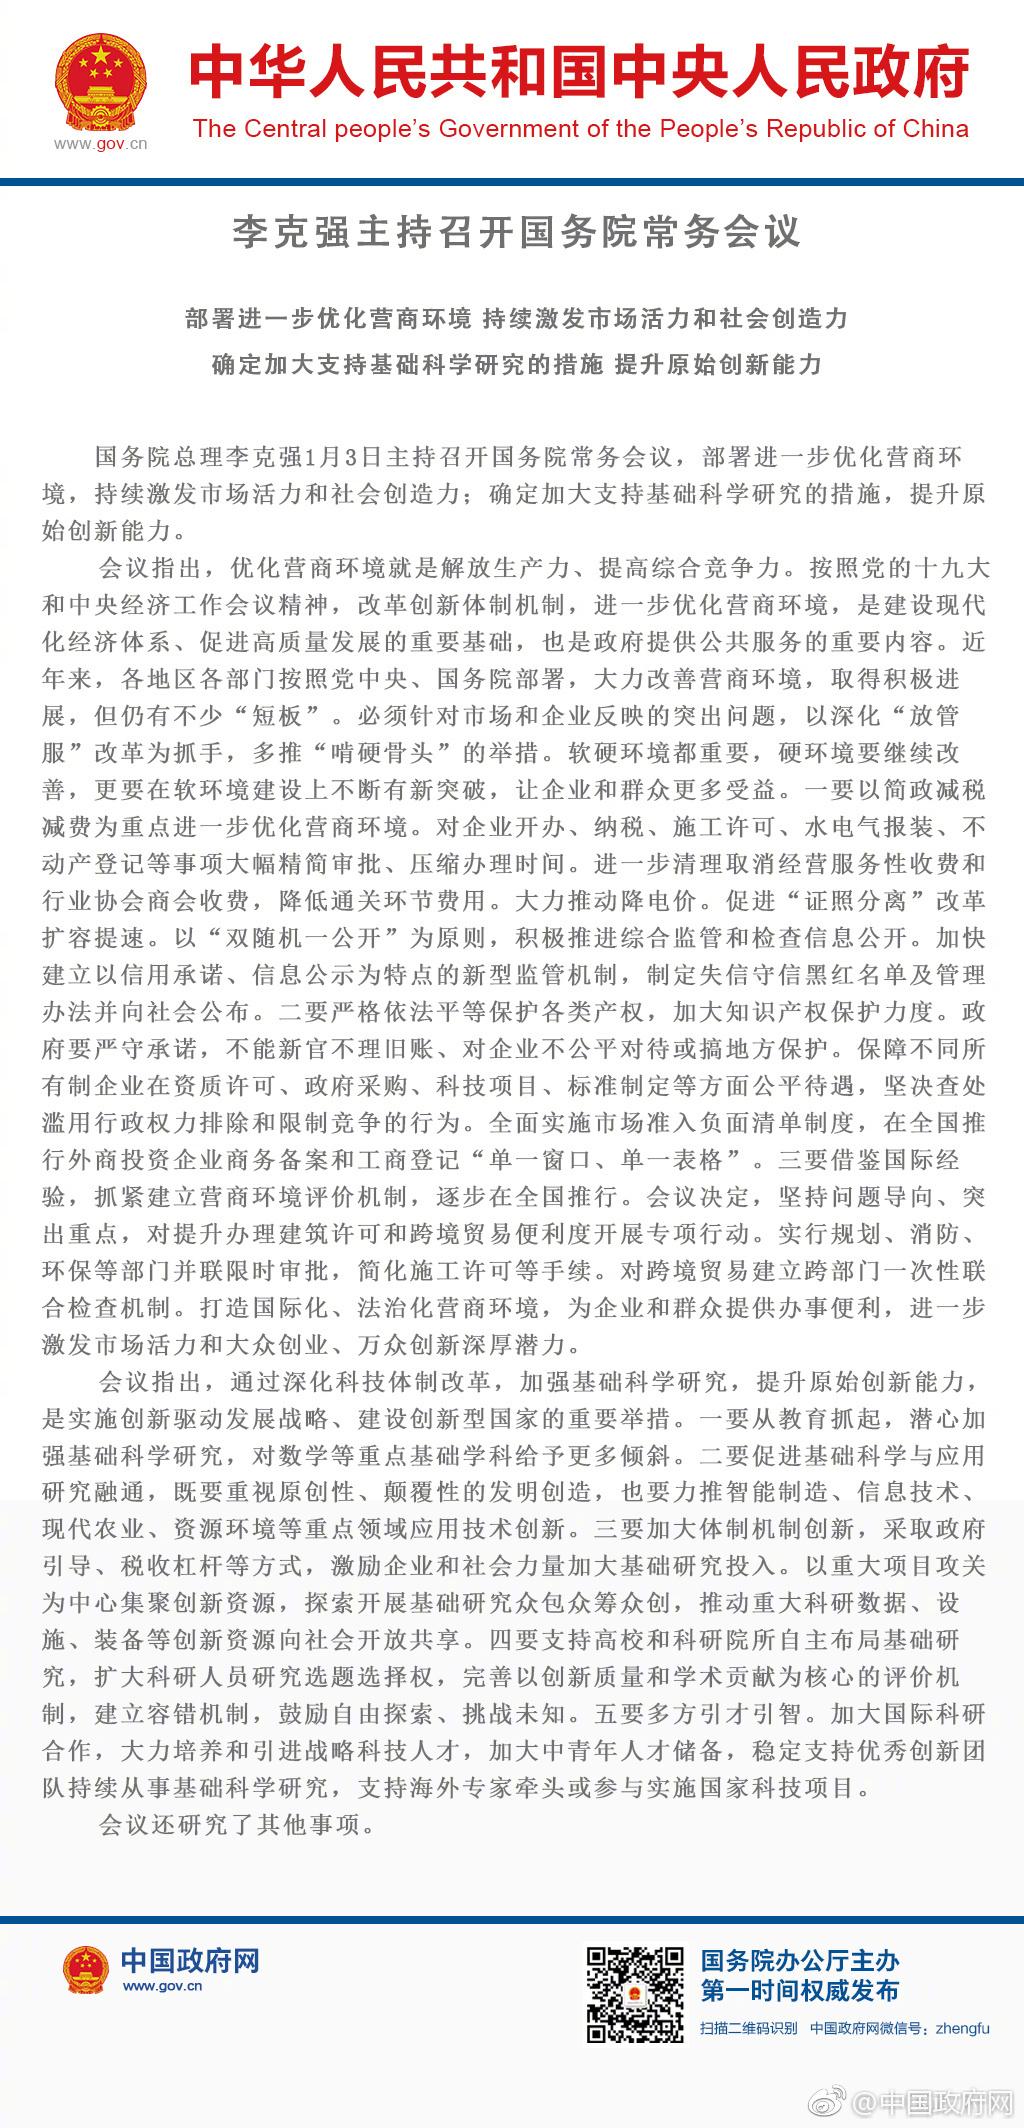 李克强主持召开国常会 部署进一步优化营商环境